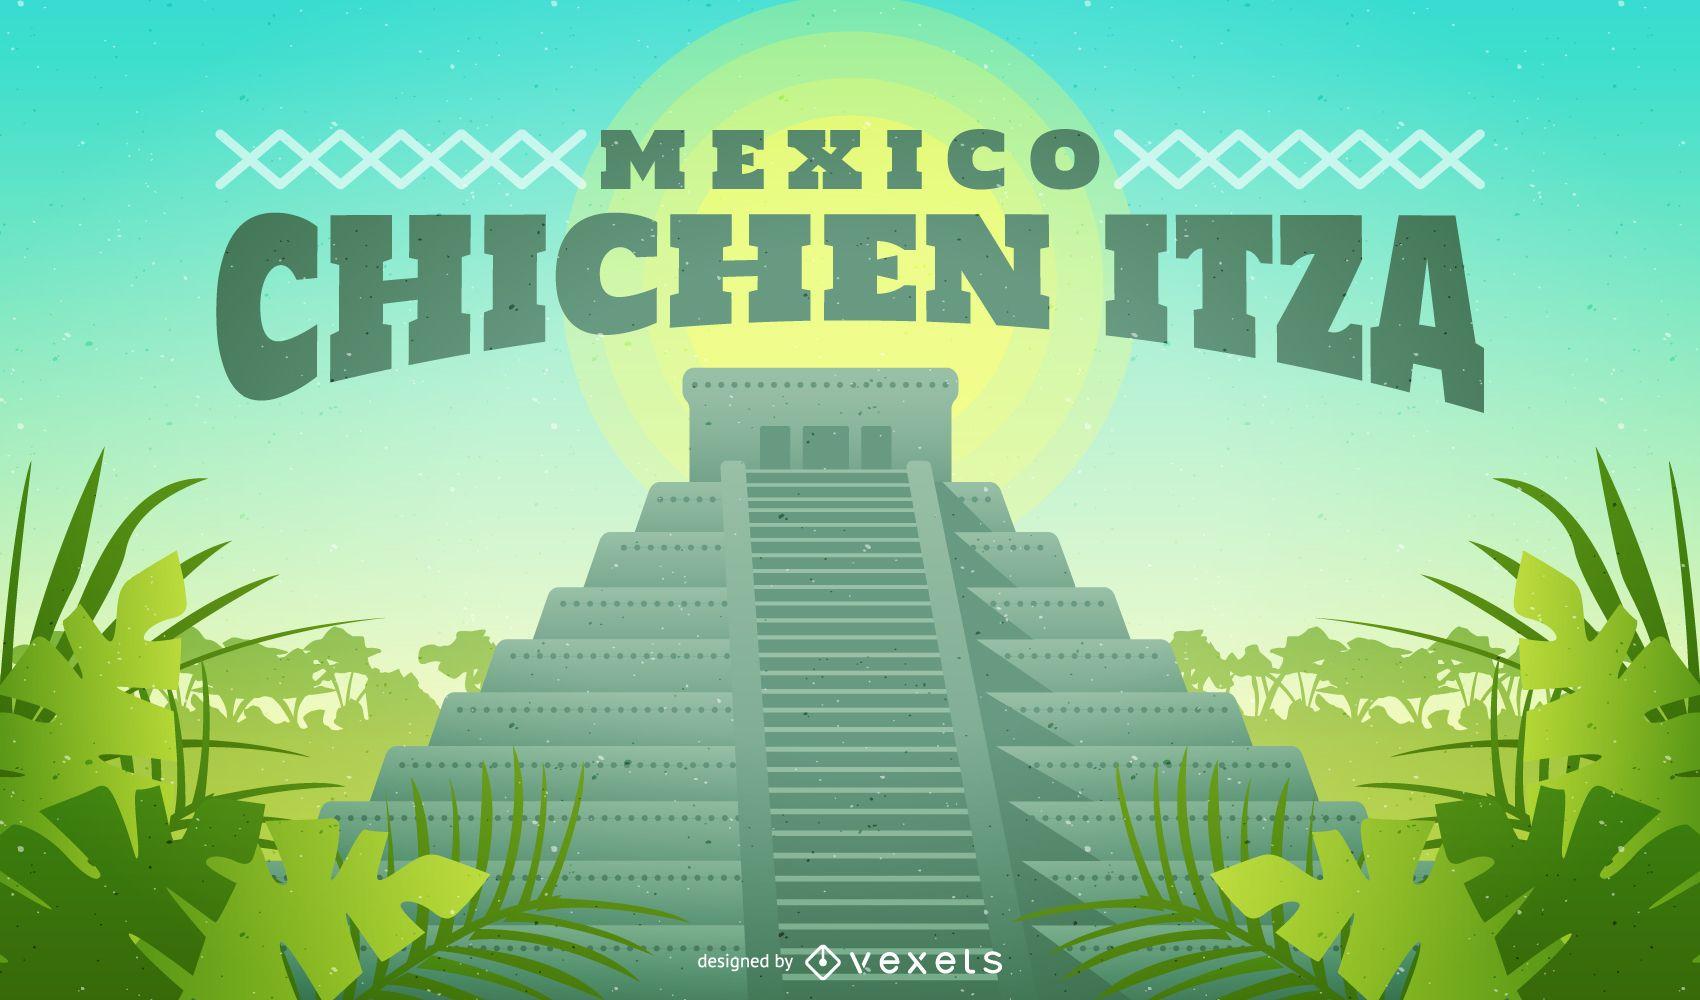 Chichen Itza Mexico illustration